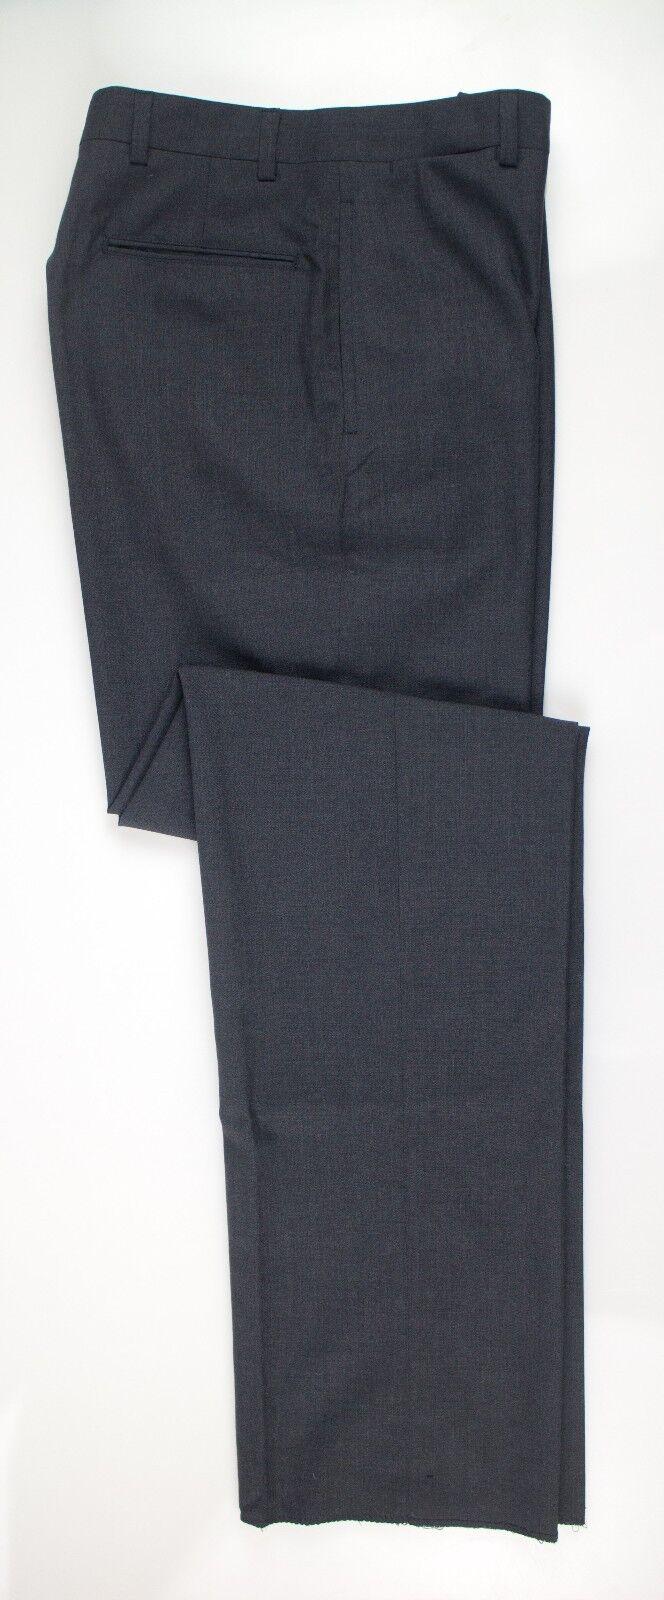 Nwt Brooks Brothers Kohlegrau 100% Wolle Kleid Hosen Glatt Glatt Glatt Vorne | Ausreichende Versorgung  | Outlet Online  | Zart  | Angenehmes Aussehen  | 2019  8c983f